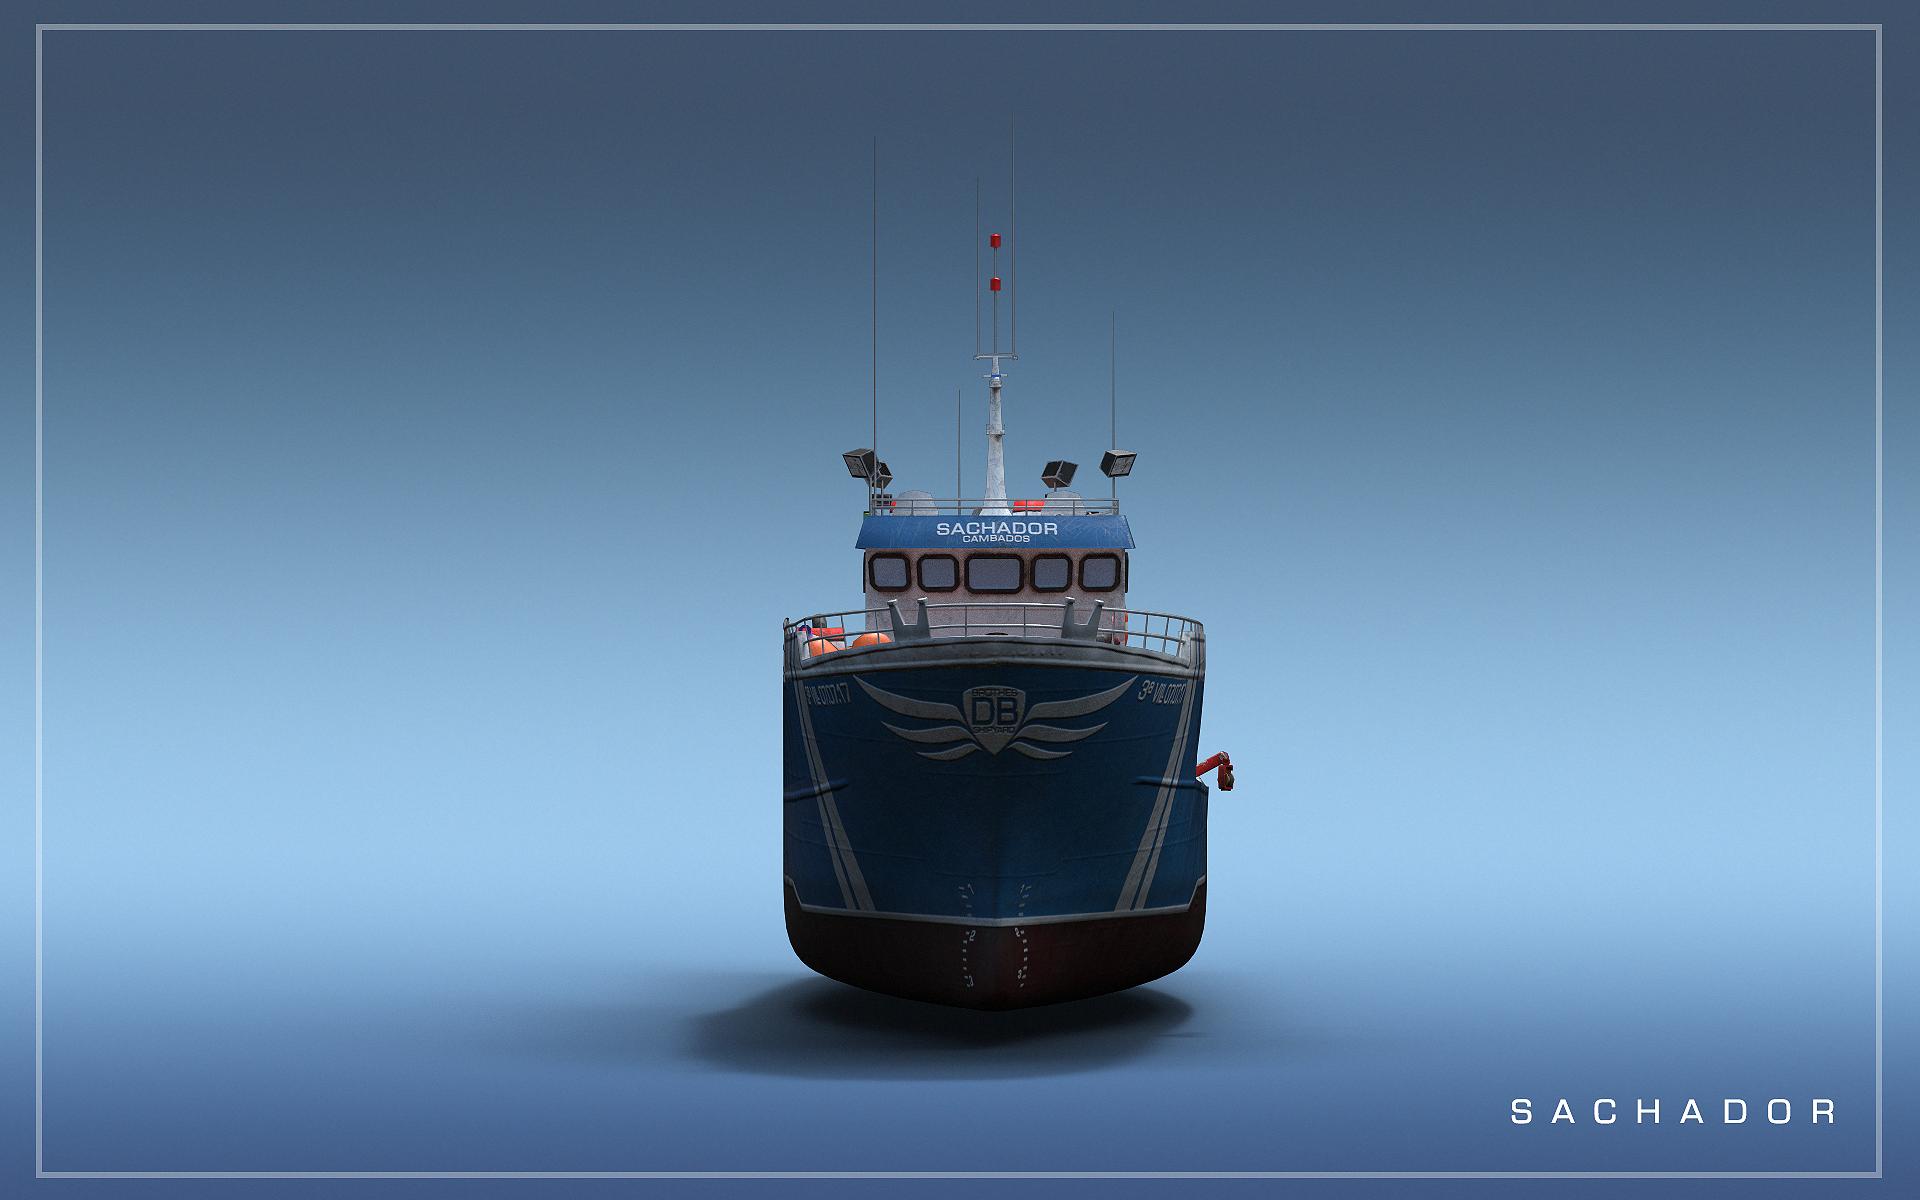 Sachador Ship